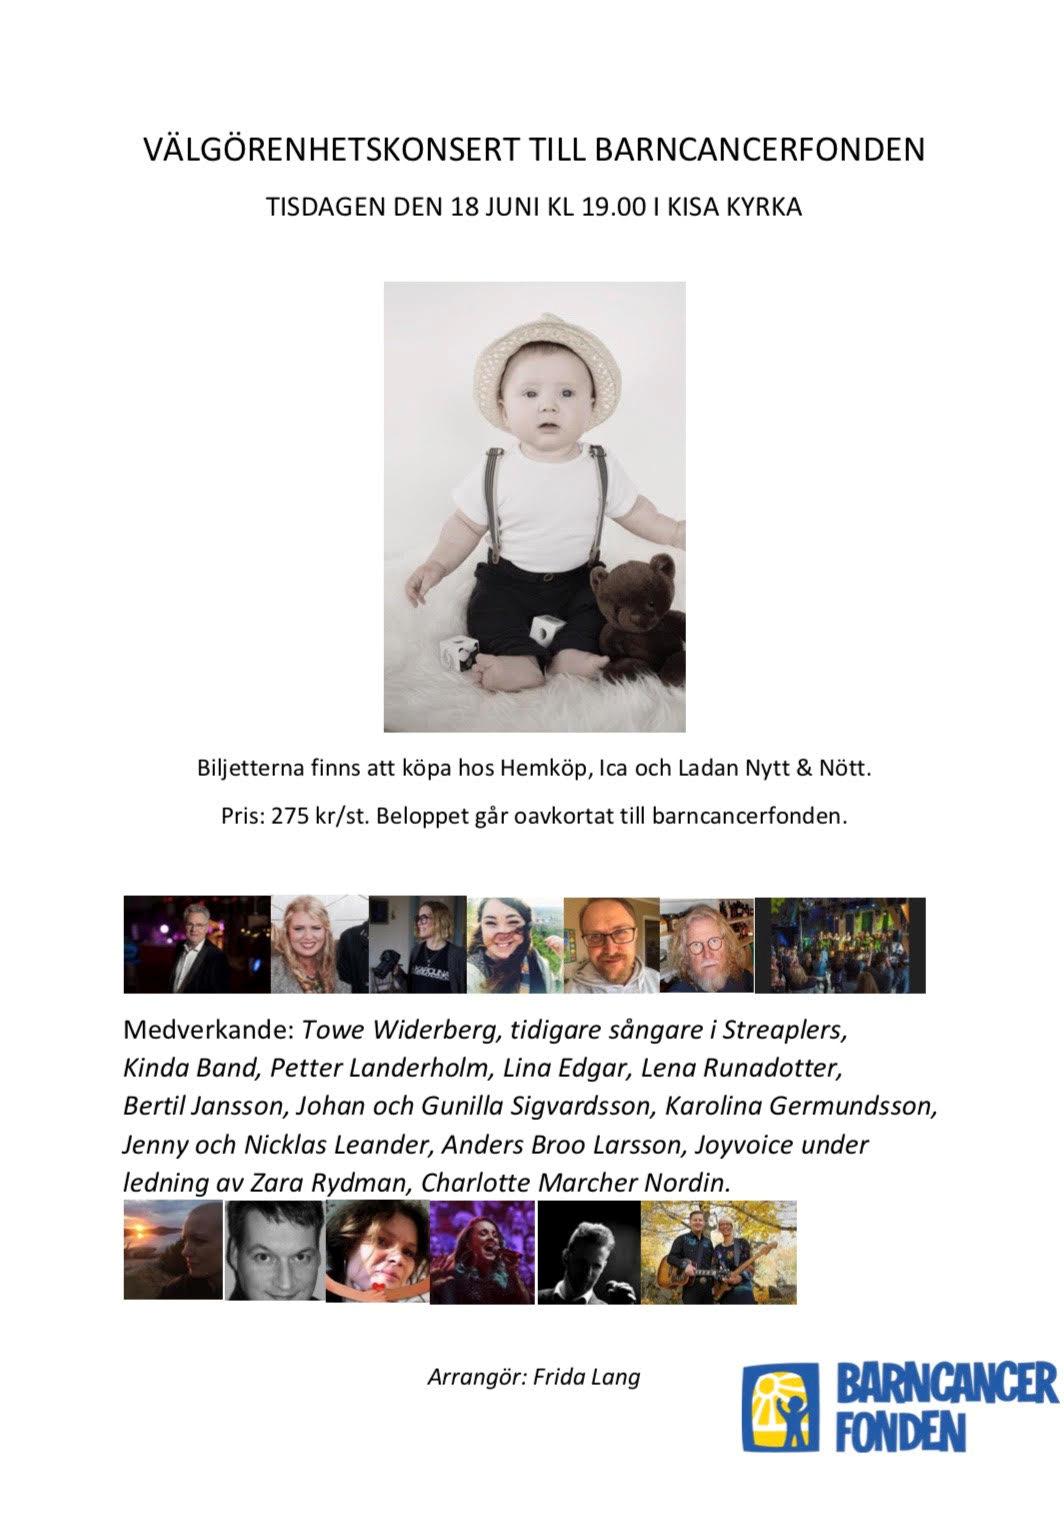 """Välgörenhetskonsert till Barncancerfonden - Tisdagen den 18 juni klockan 19:00 hålls en välgörenhetskonsert i Kisa kyrka för alla barn som har kämpat, kämpar just nu och som kommer att kämpa mot cancer.Under kvällen kommer ett 60-tal personer medverka med bland annat musik och sång. Jag har fått den stora äran att skänka ett av mina verk som kommer att auktioneras ut under kvällen och där hela summan oavkortat går till Barncancerfonden.Kan du inte medverka under kvällen så går det alldeles utmärkt att delta ändå genom att skänka en slant till Barncancerfonden, gärna i Colins namn, """"Colins kamp mot leukemi"""".Varmt välkommen!"""